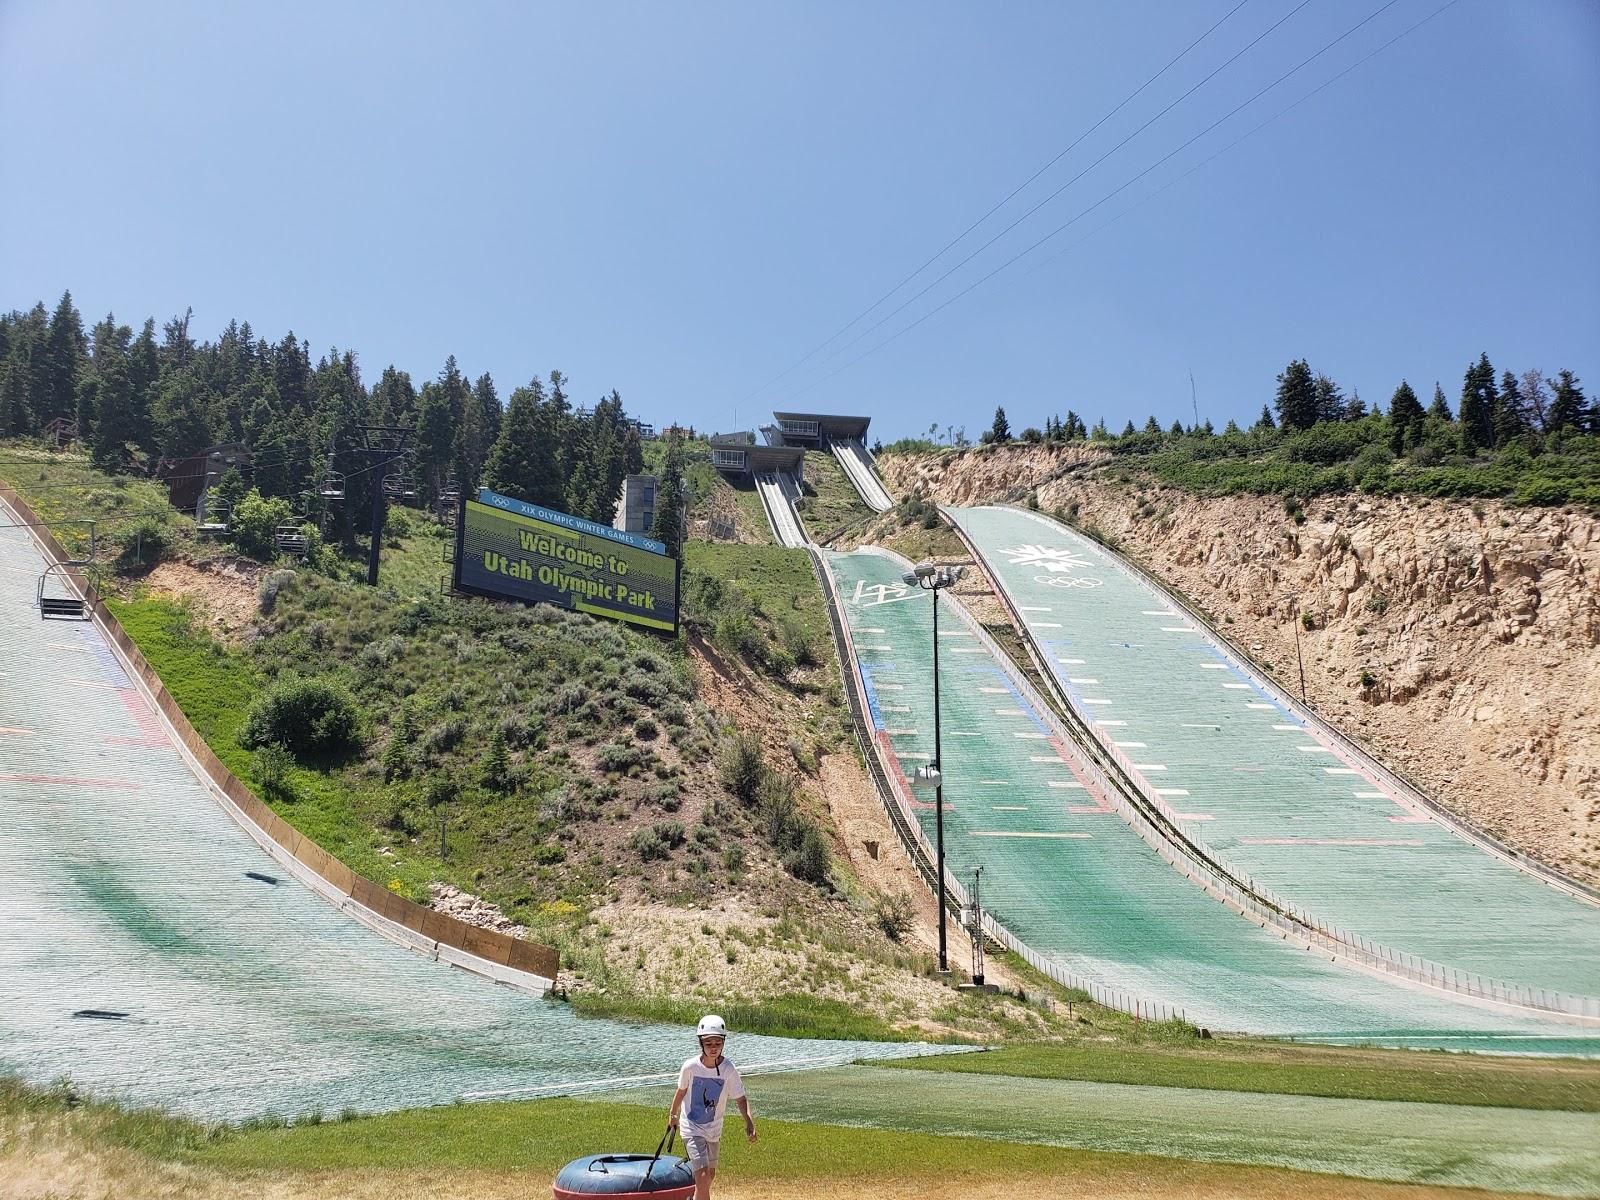 Park City Utah, Olympic Park